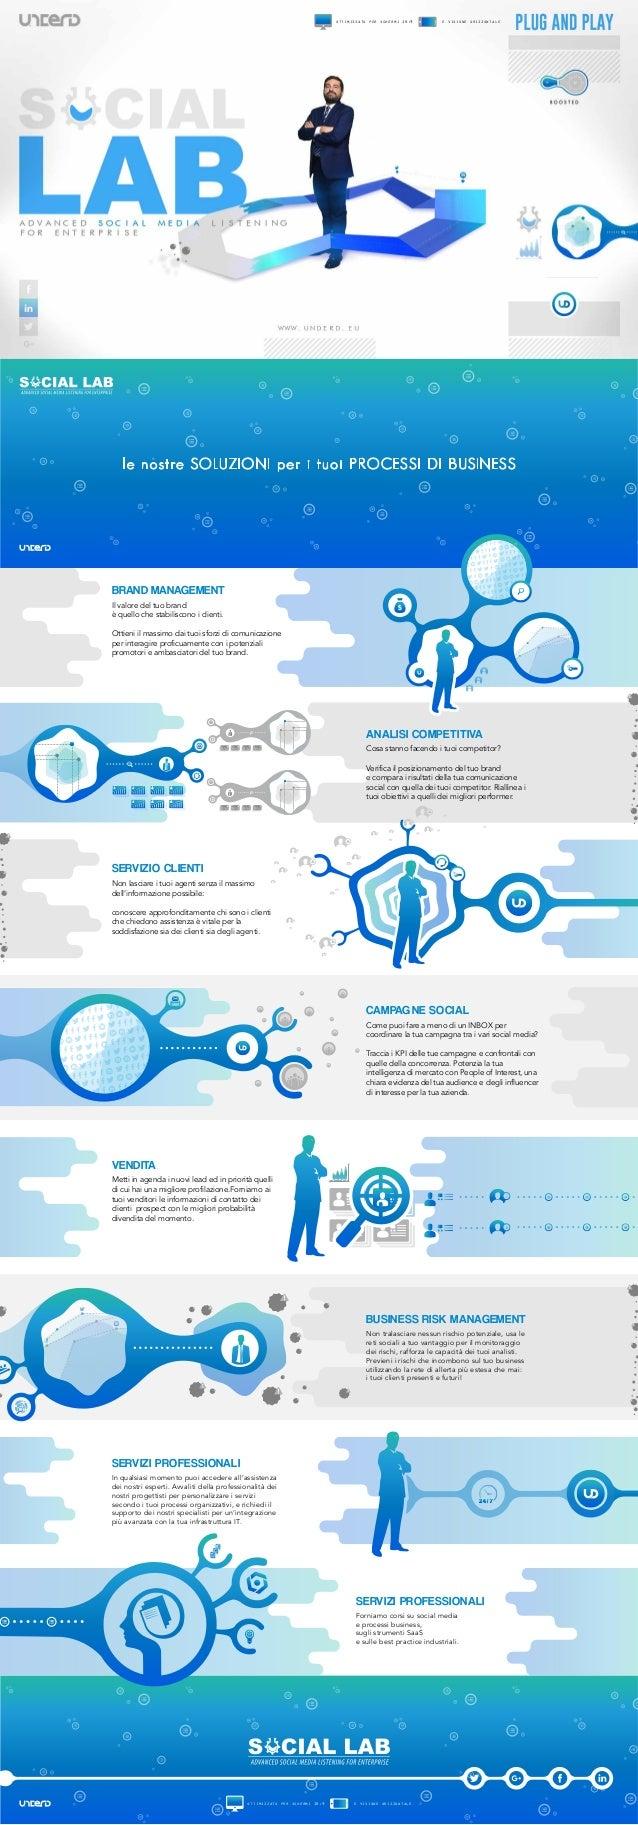 Il valore del tuo brand è quello che stabiliscono i clienti. Ottieni il massimo dai tuoi sforzi di comunicazione per inter...